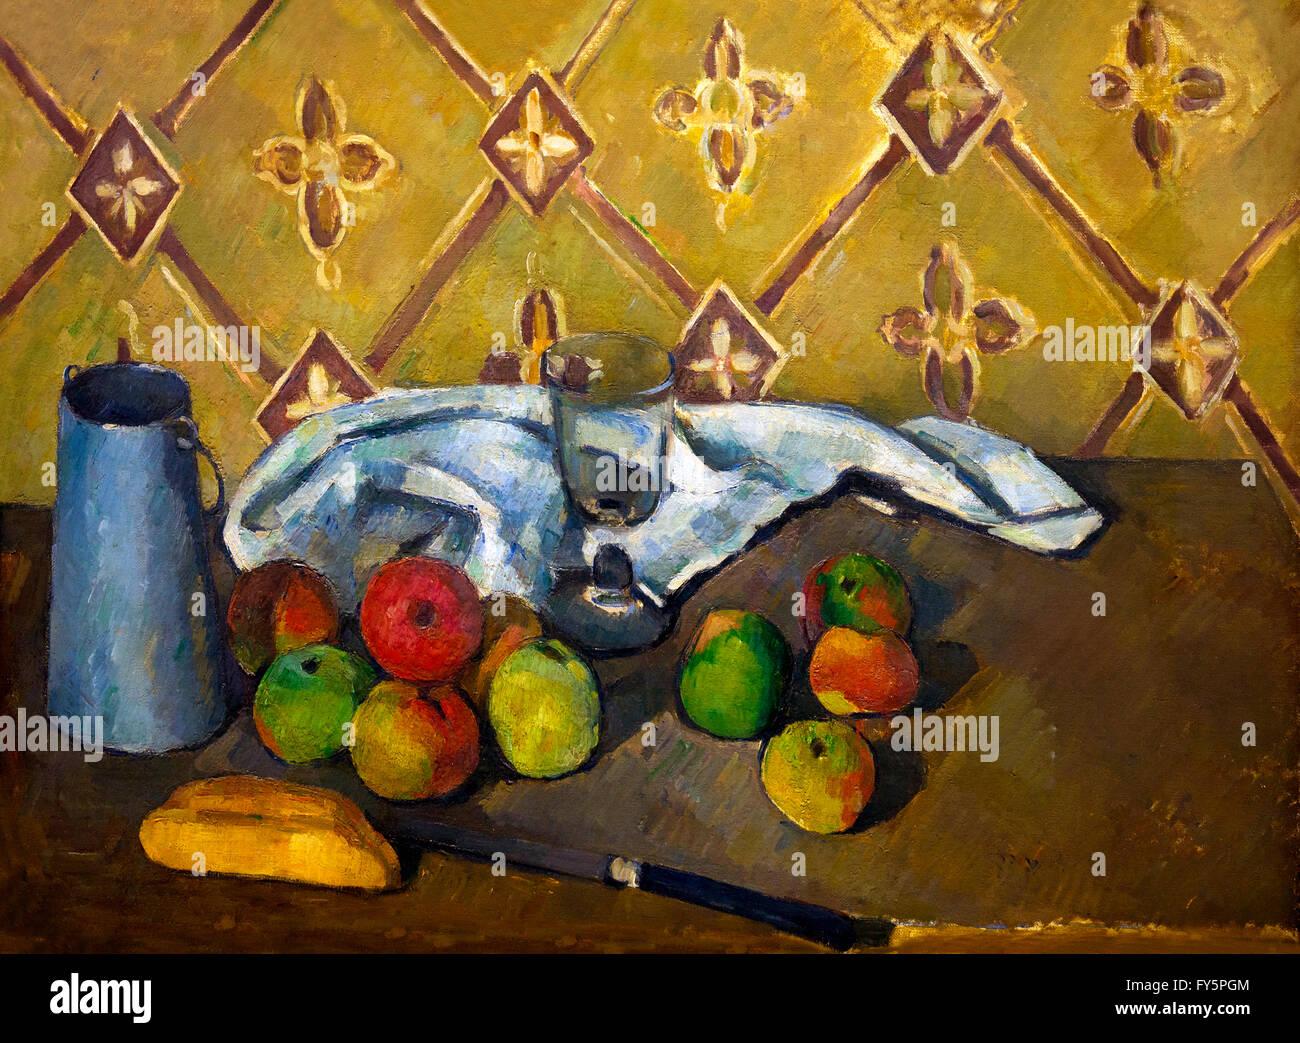 Fruit, Napkin and Jug Of Milk, Fruits, serviette et boite a lait, by Paul Cezanne, 1880-81, Musee de L'Orangerie, - Stock Image